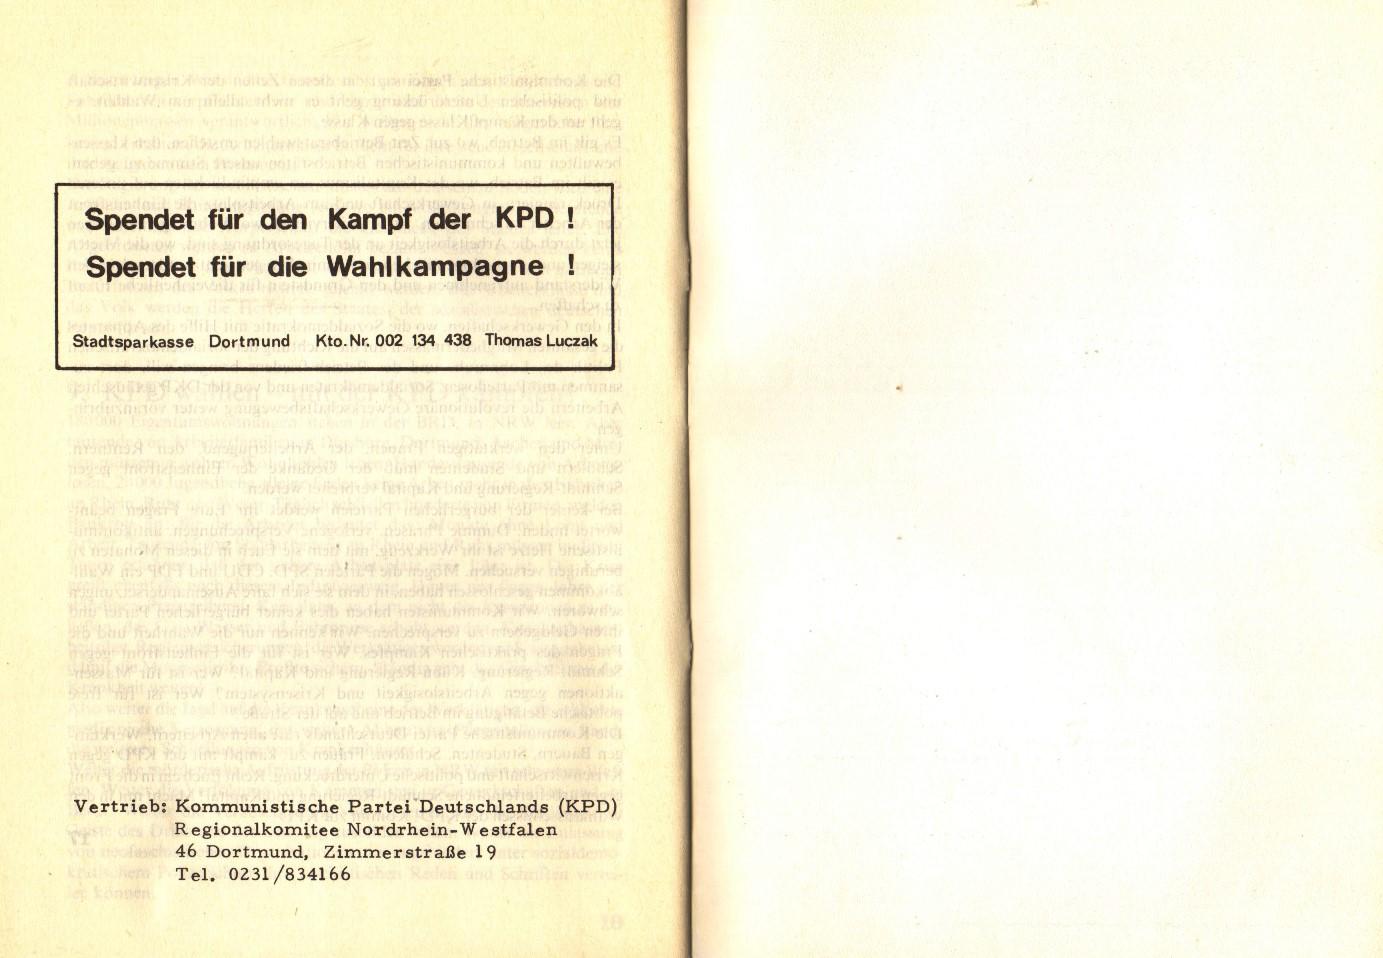 NRW_AO_1975_Was_will_die_KPD_10